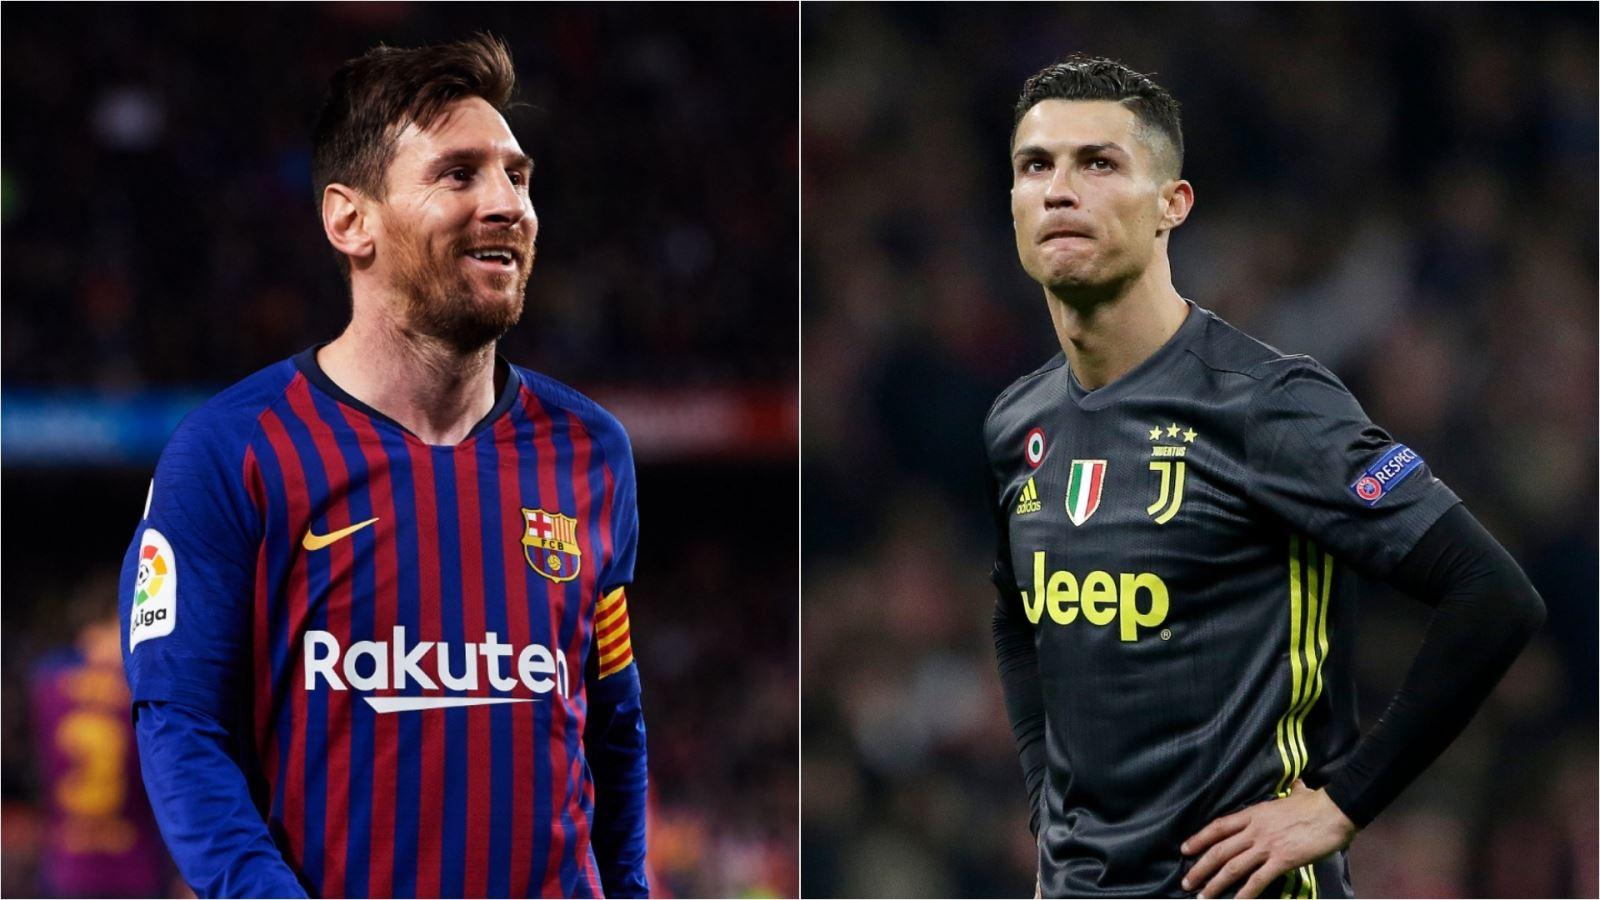 Bóng đá hôm nay 14/12: STVV có HLV mới, Công Phượng vẫn vậy. Giá trị Ronaldo bằng nửa Messi